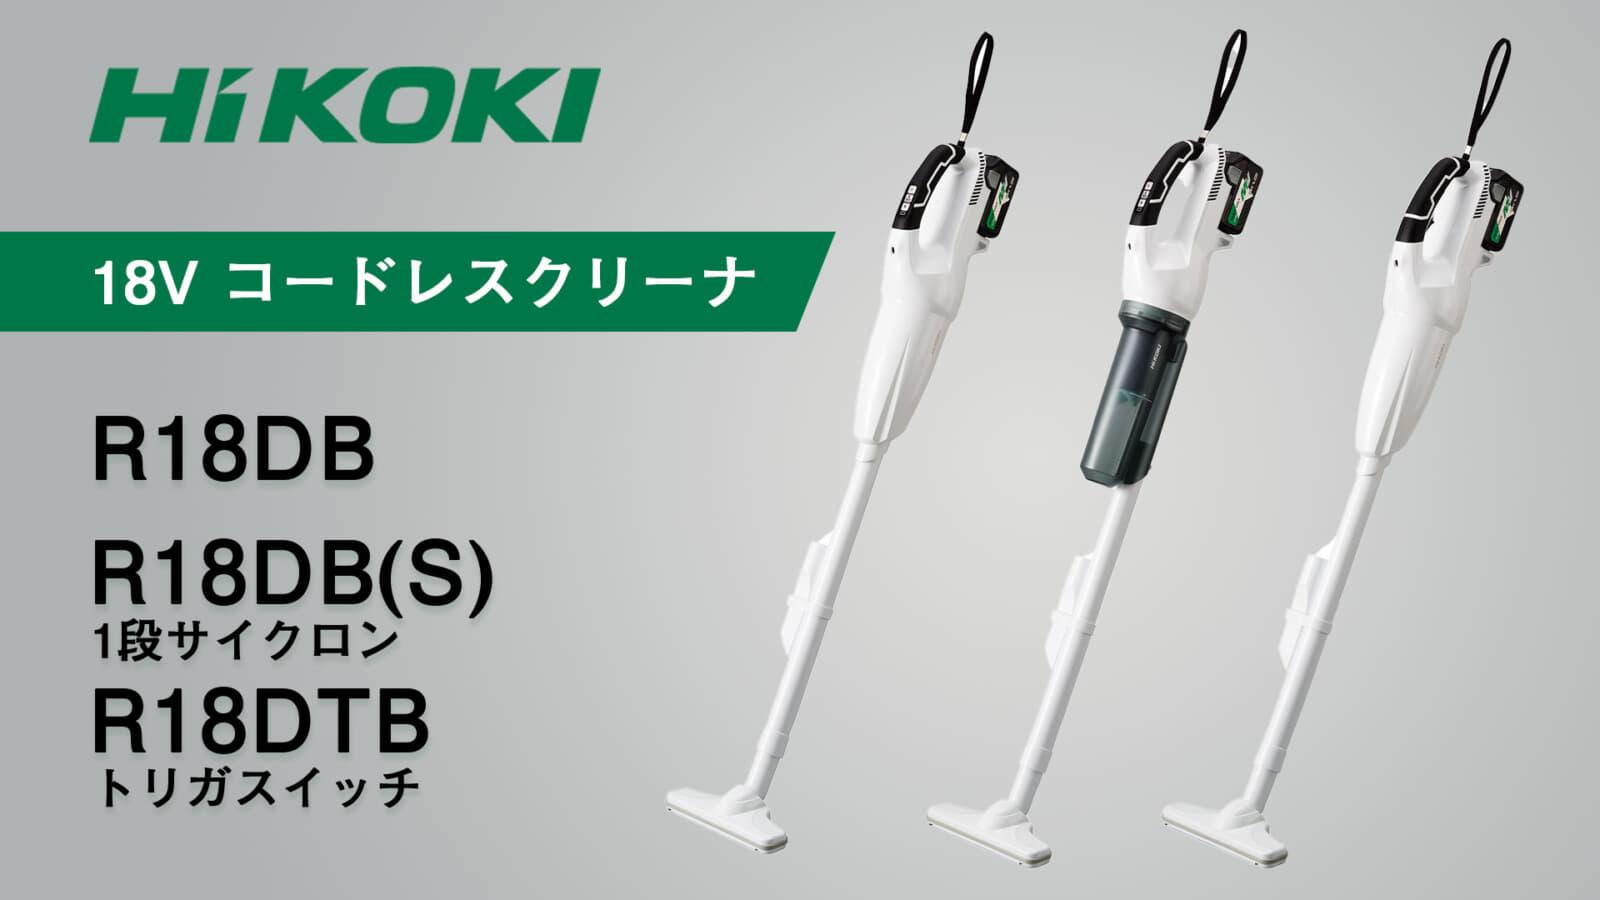 HiKOKI R18DB 18Vコードレスクリーナーの新モデルを発売